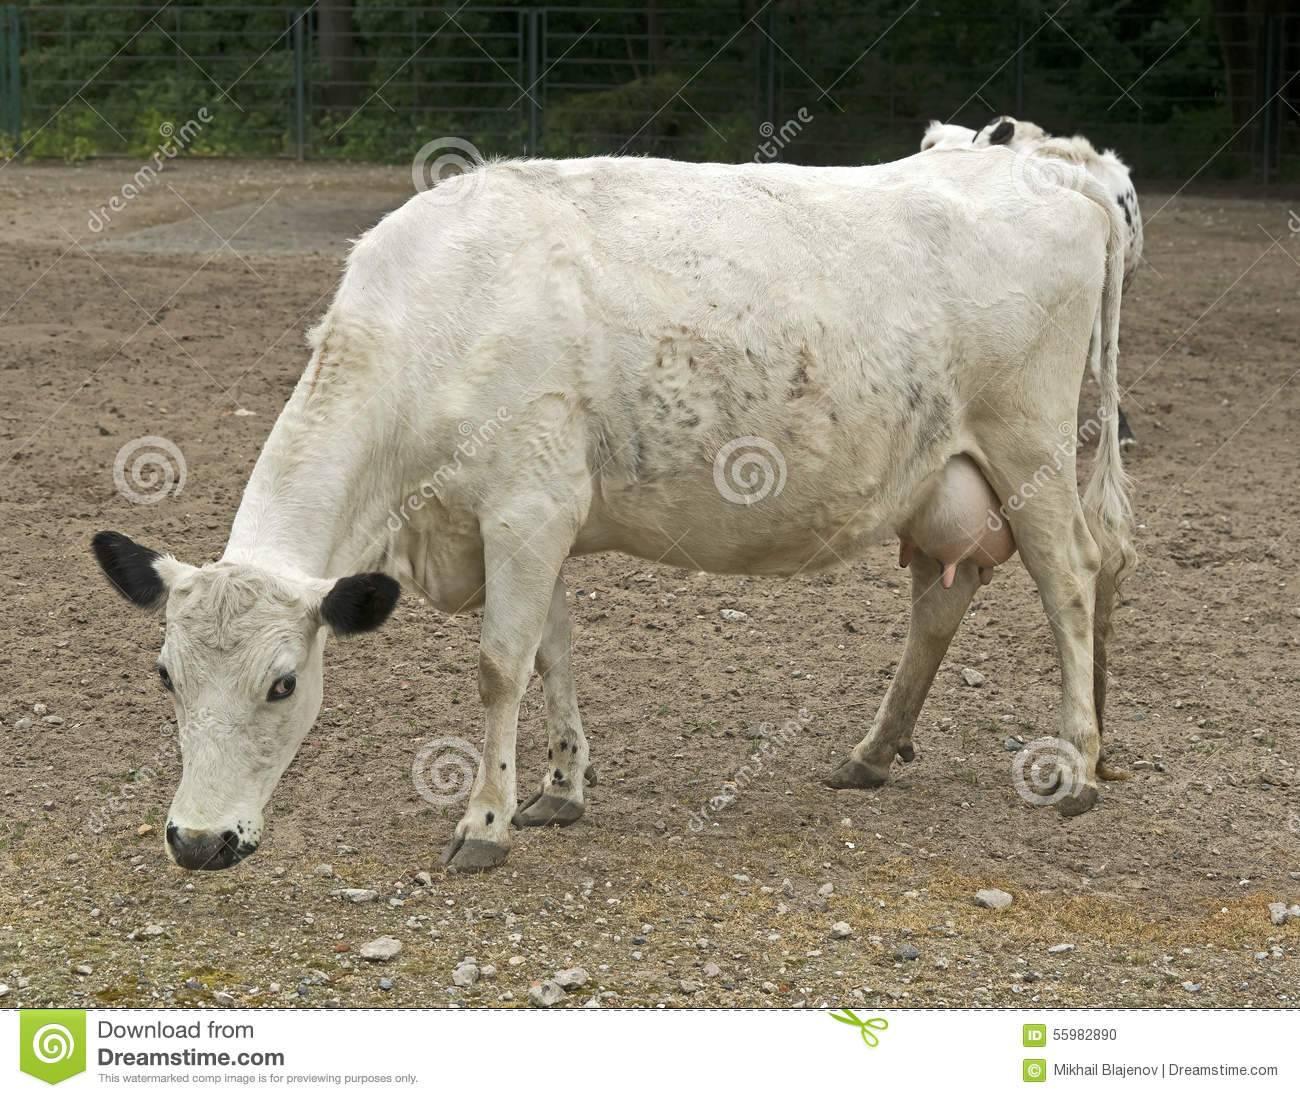 Плюшевая корова из айовы: характеристика и описание породы